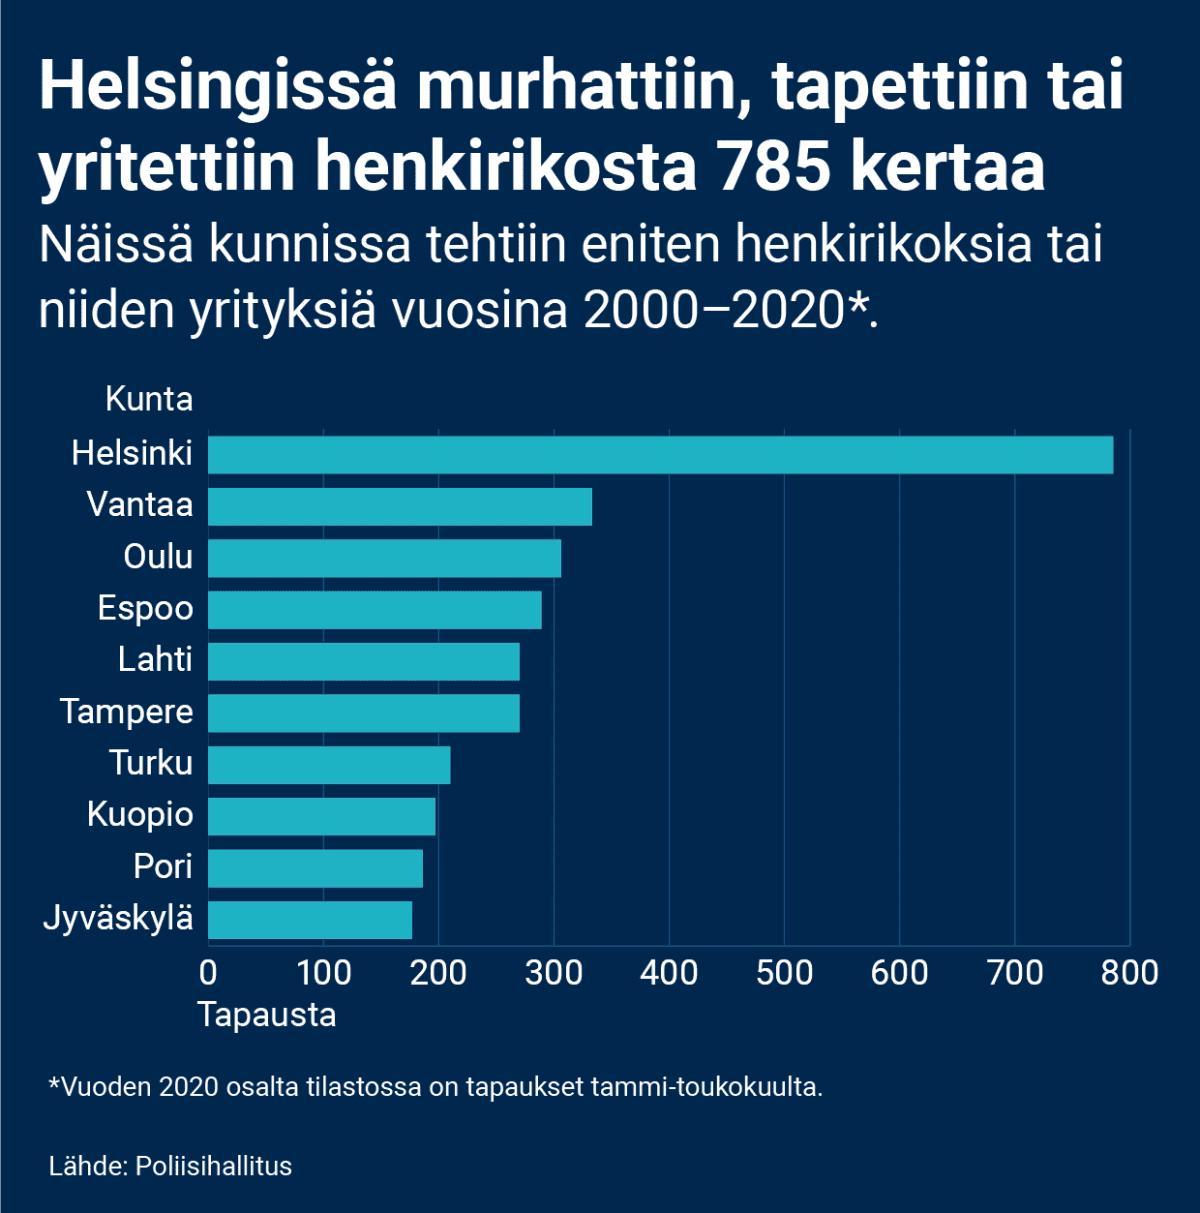 Palkkigrafiikka, joka näyttää 10 kuntaa, joissa tehtiin eniten henkirikoksia tai niiden yrityksiä vuosina 2000–2020. Vuoden 2020 osalta tilastossa on tapaukset tammi-toukokuulta. Helsingissä murhattiin, tapettiin tai yritettiin henkirikosta eniten, 785 kertaa. Seuraavina tilastoissa ovat Vantaa (333), Oulu (306), Espoo (289), Lahti (270), Tampere (270), Turku (210), Kuopio (197), Pori (186) ja Jyväskylä (177).